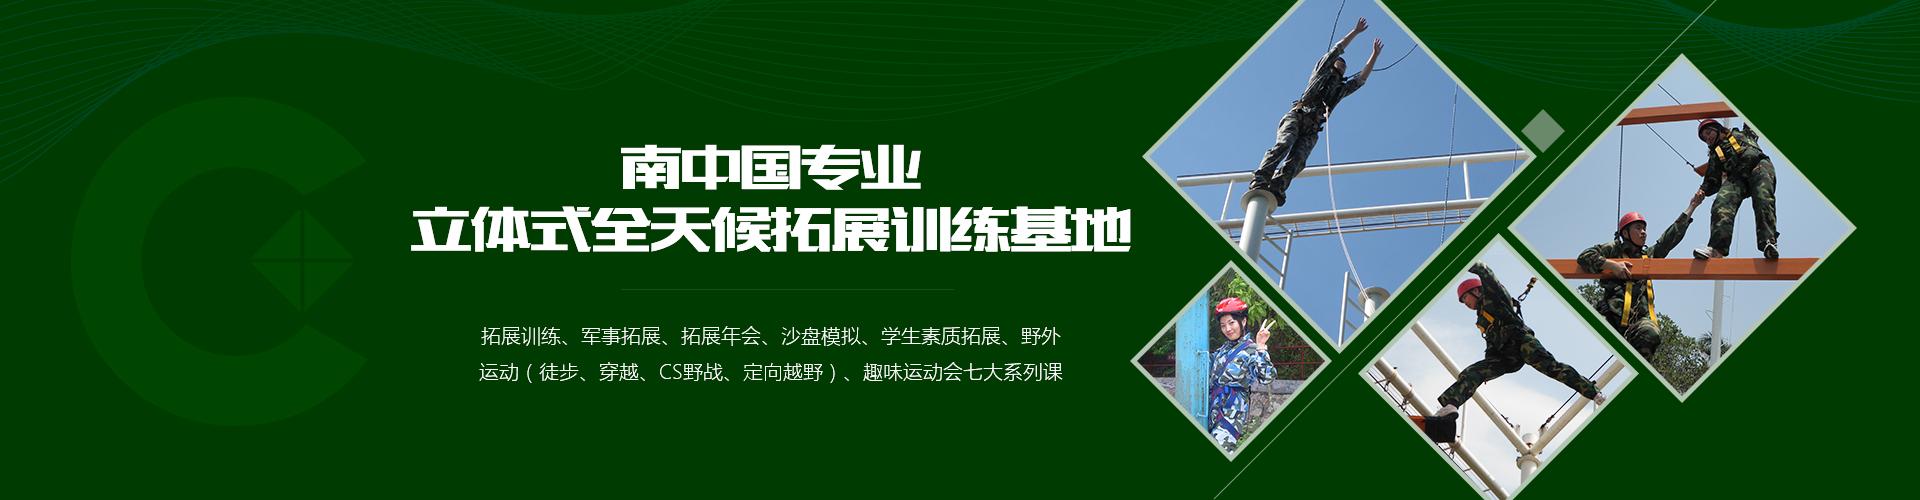 广州拓展培训